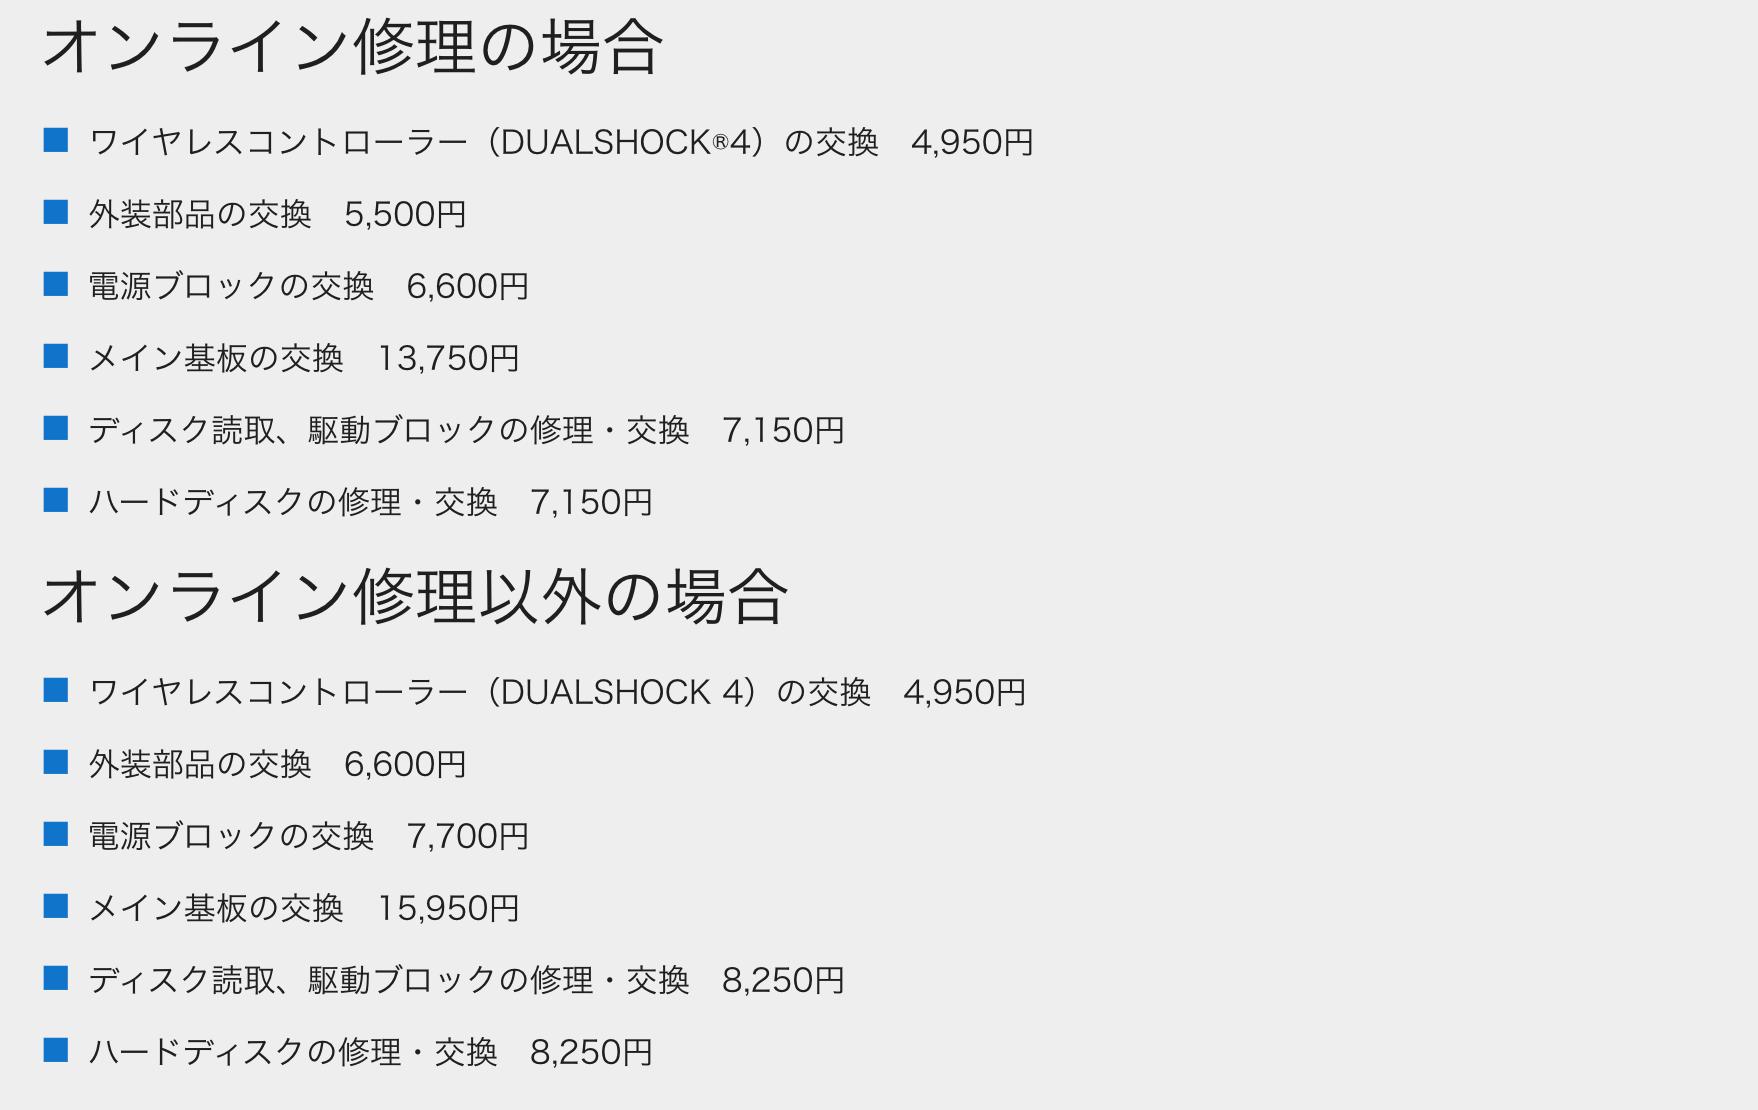 ソニーの修理サービスの値段